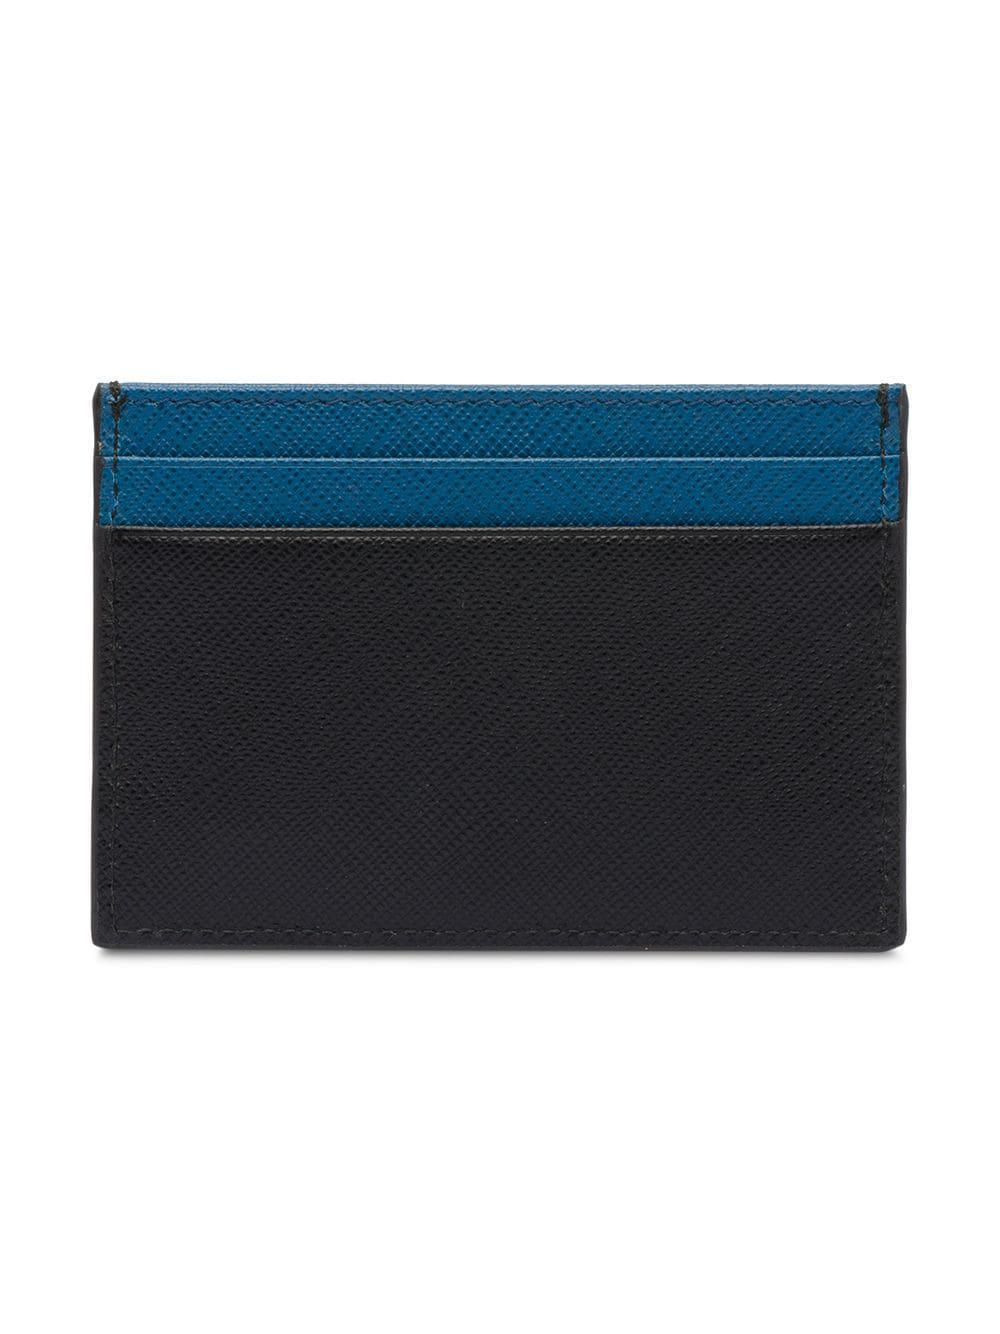 2944f5e02132 Lyst - Prada Saffiano Leather Card Holder in Black for Men